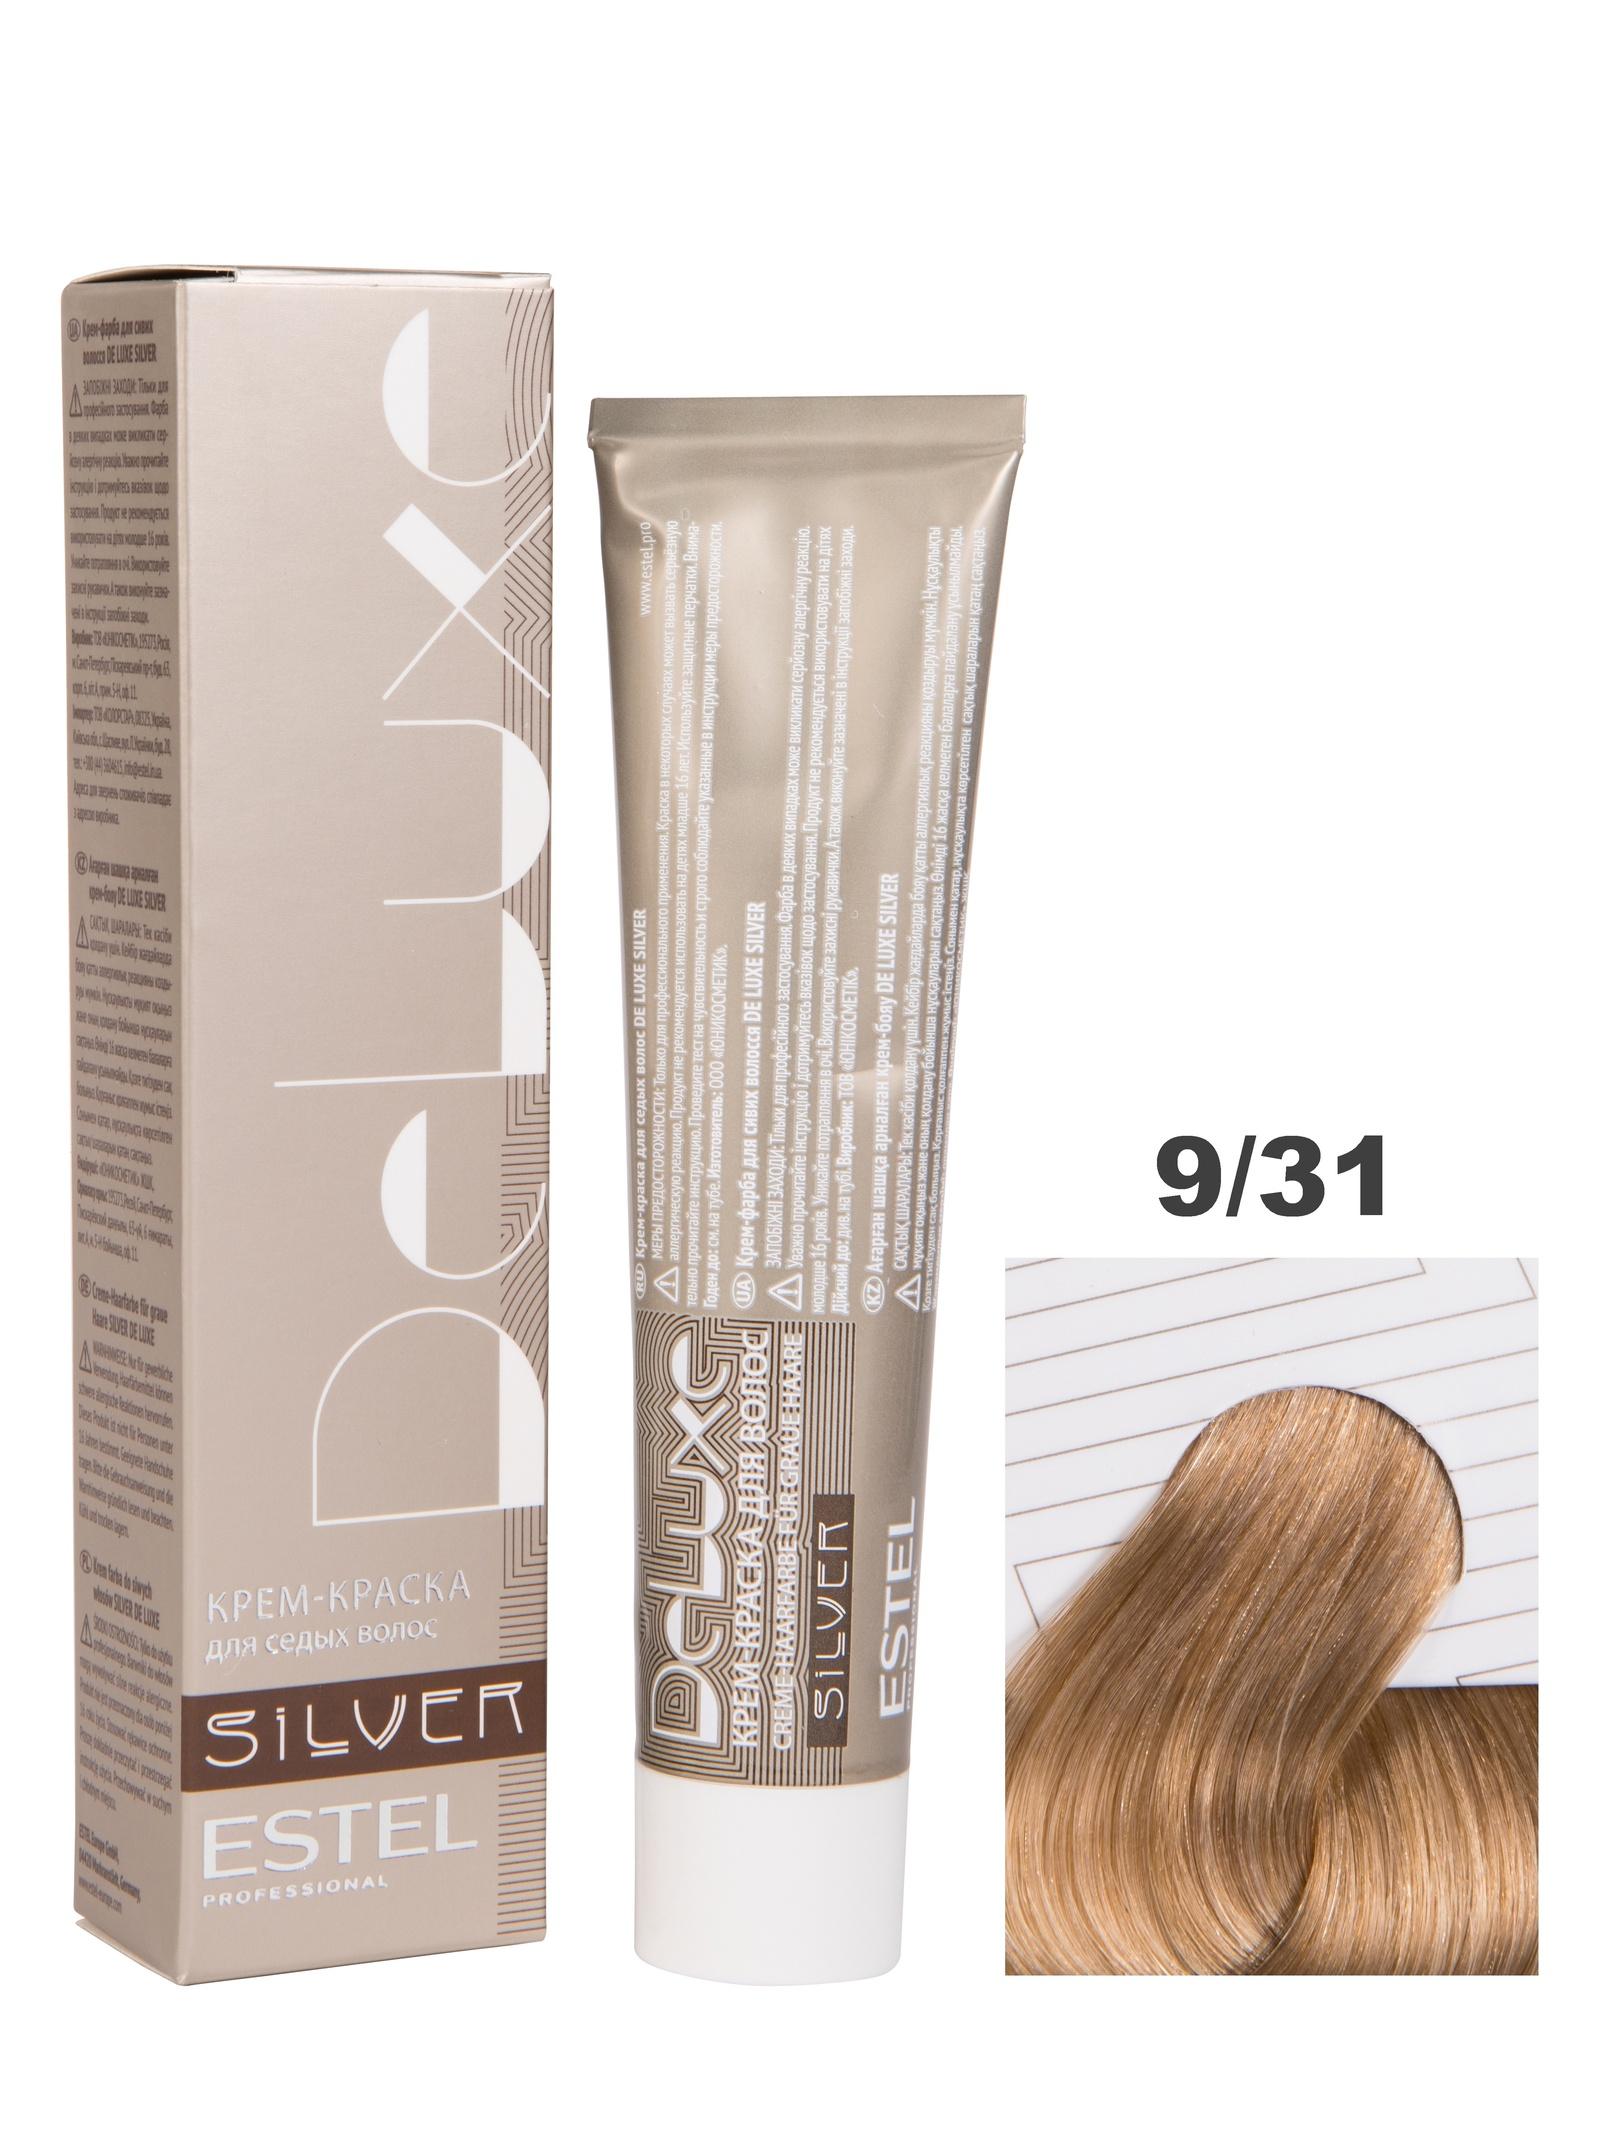 Краска-уход DE LUXE SILVER для окрашивания волос ESTEL PROFESSIONAL 9/31 блондин золотисто-пепельный 60 мл estel краска уход 9 61 de luxe блондин фиолетово пепельный 60 мл